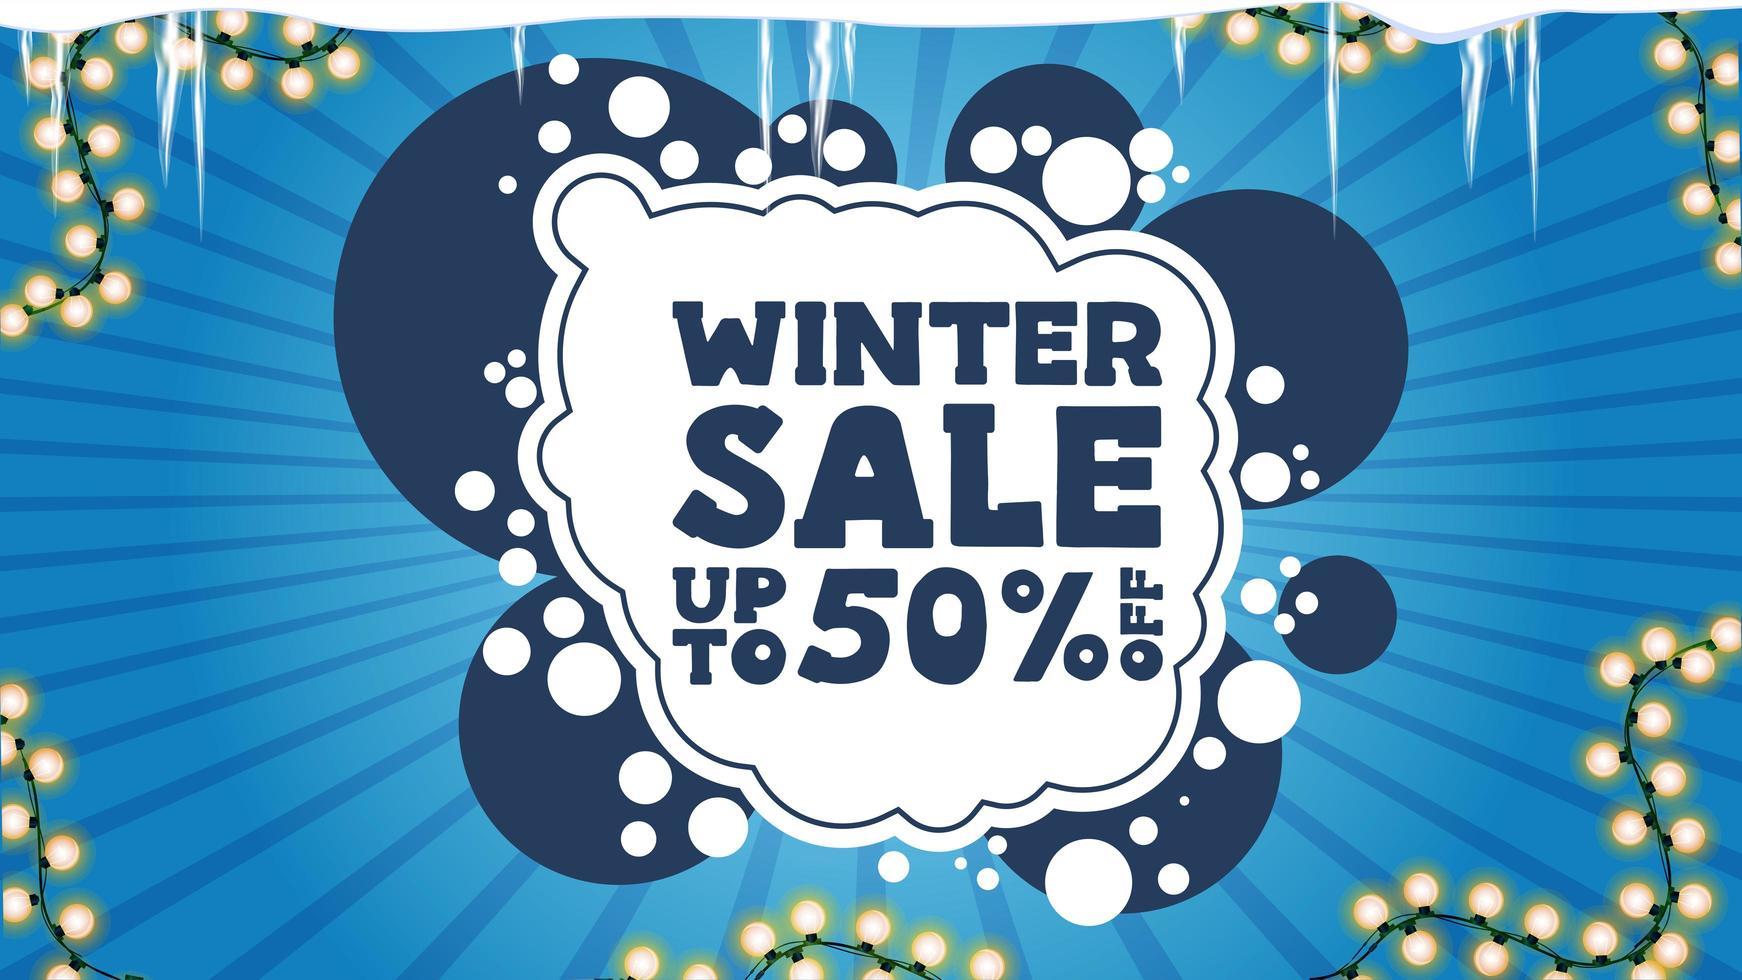 Winterschlussverkauf, Rabattbanner mit Girlande und Eiszapfen vektor